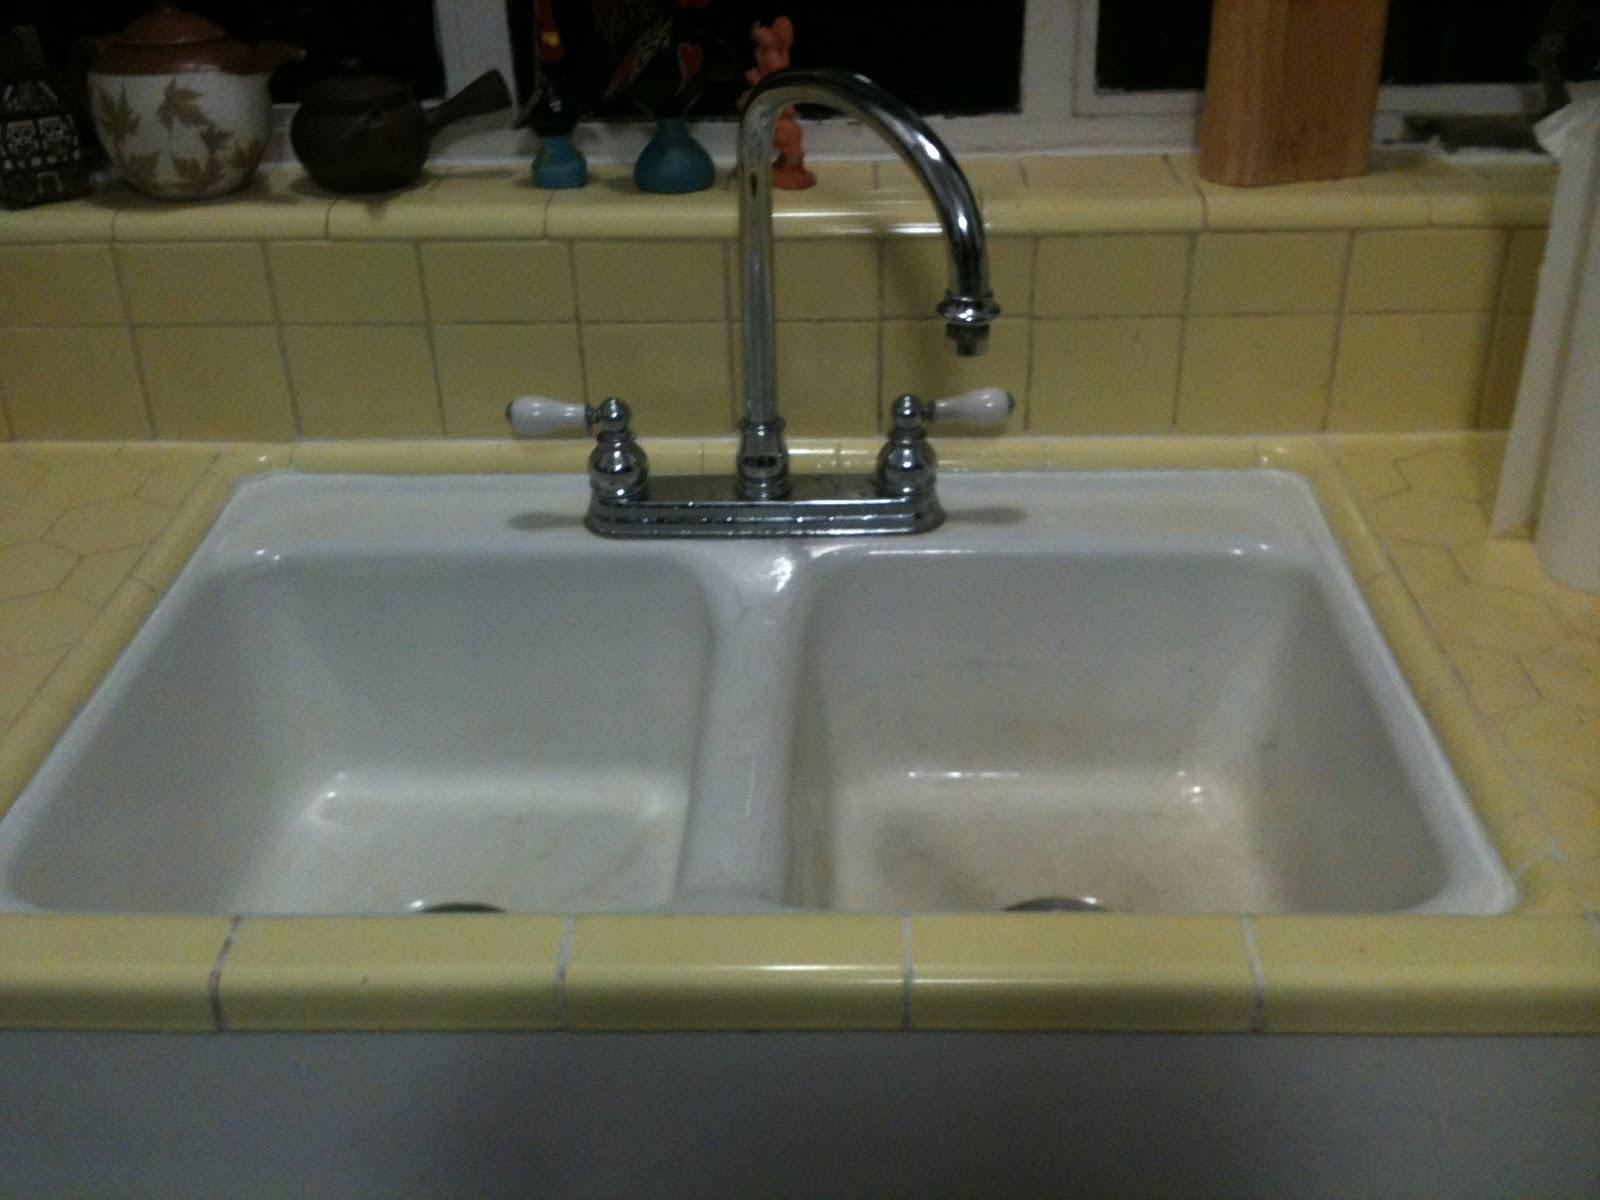 100 images kitchen sink caulk kohler whitehaven sink how - Best caulk for undermount kitchen sink ...